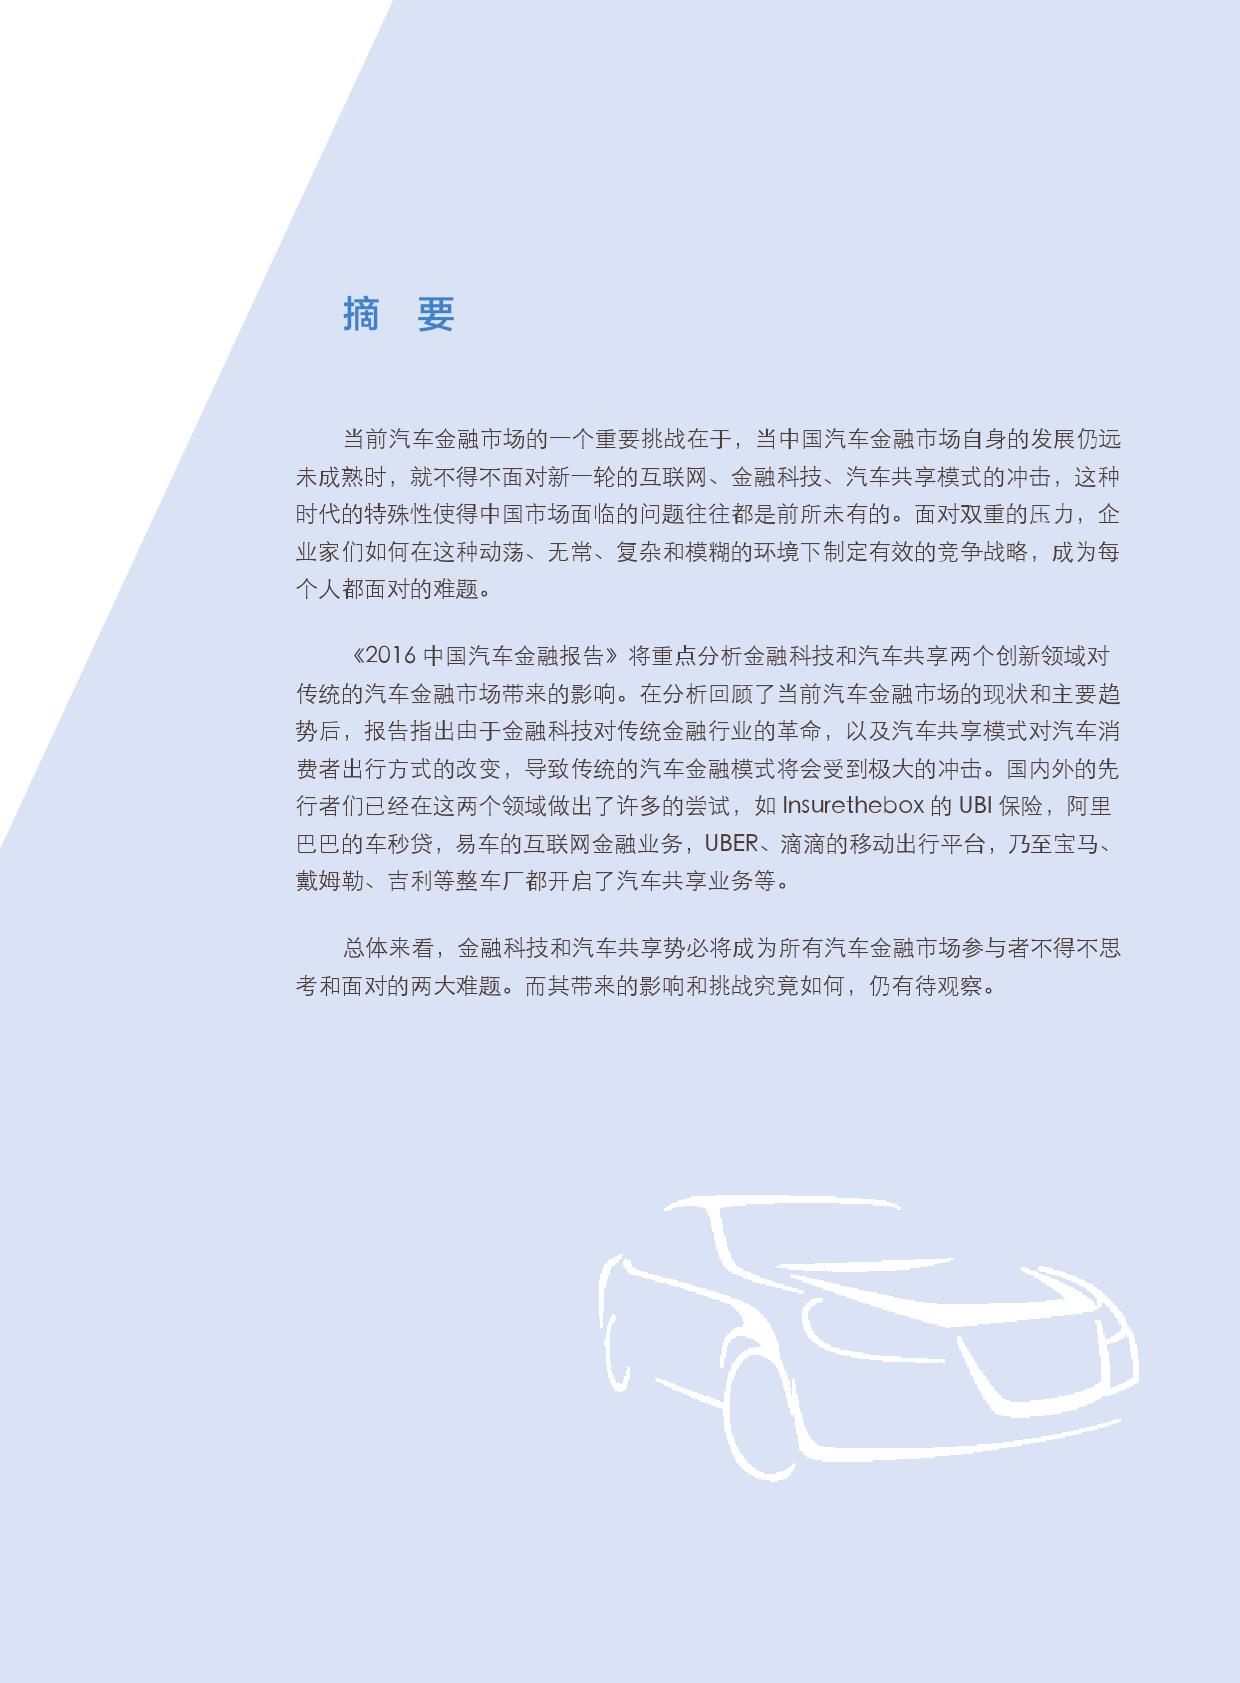 2016中国汽车金融报告_000009